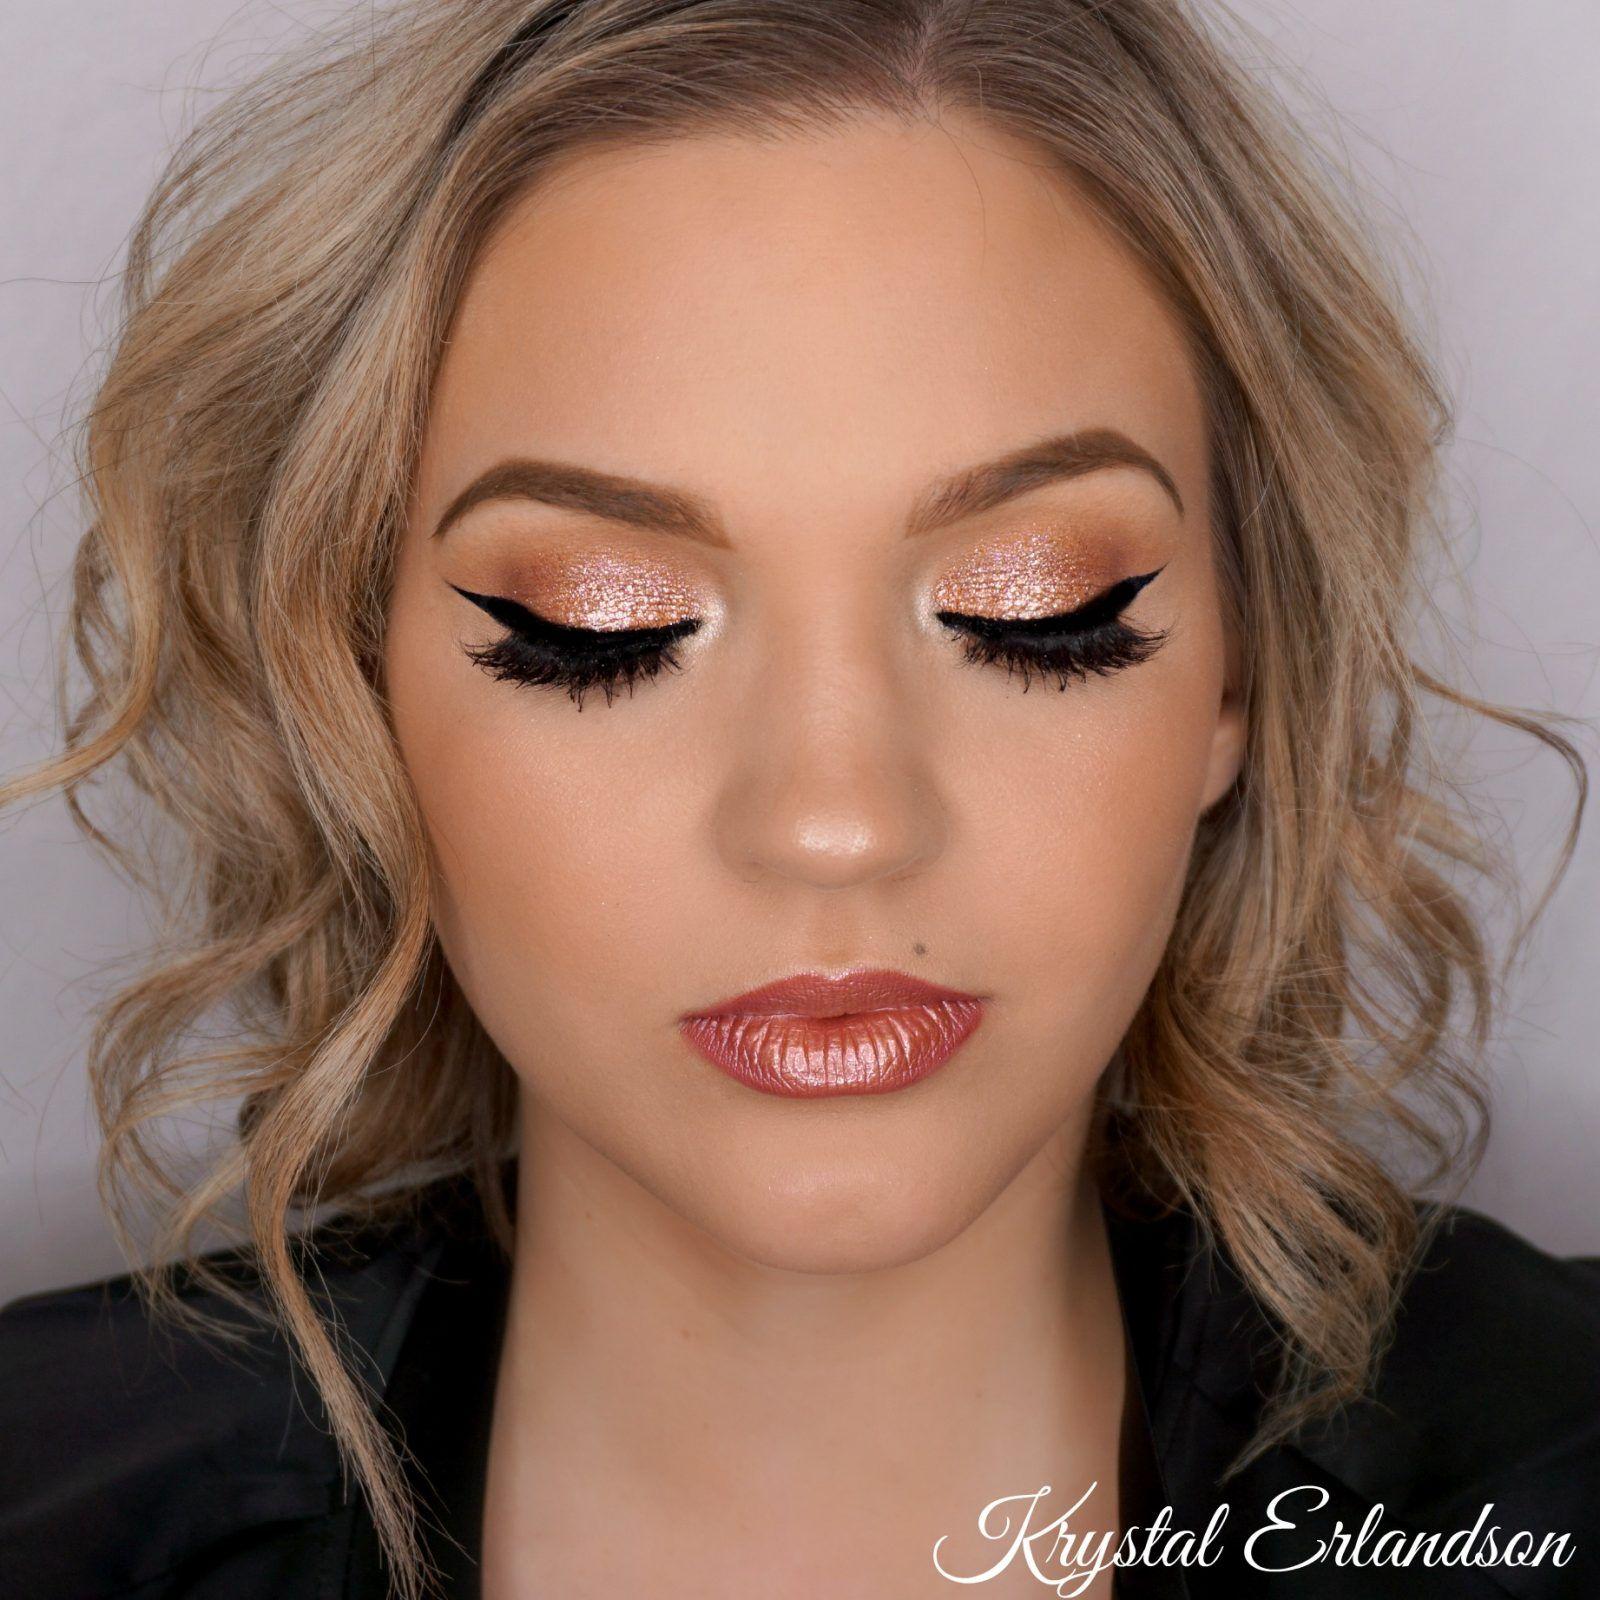 Ocean Breeze Makeup Tutorial Makeup geek, Prom makeup